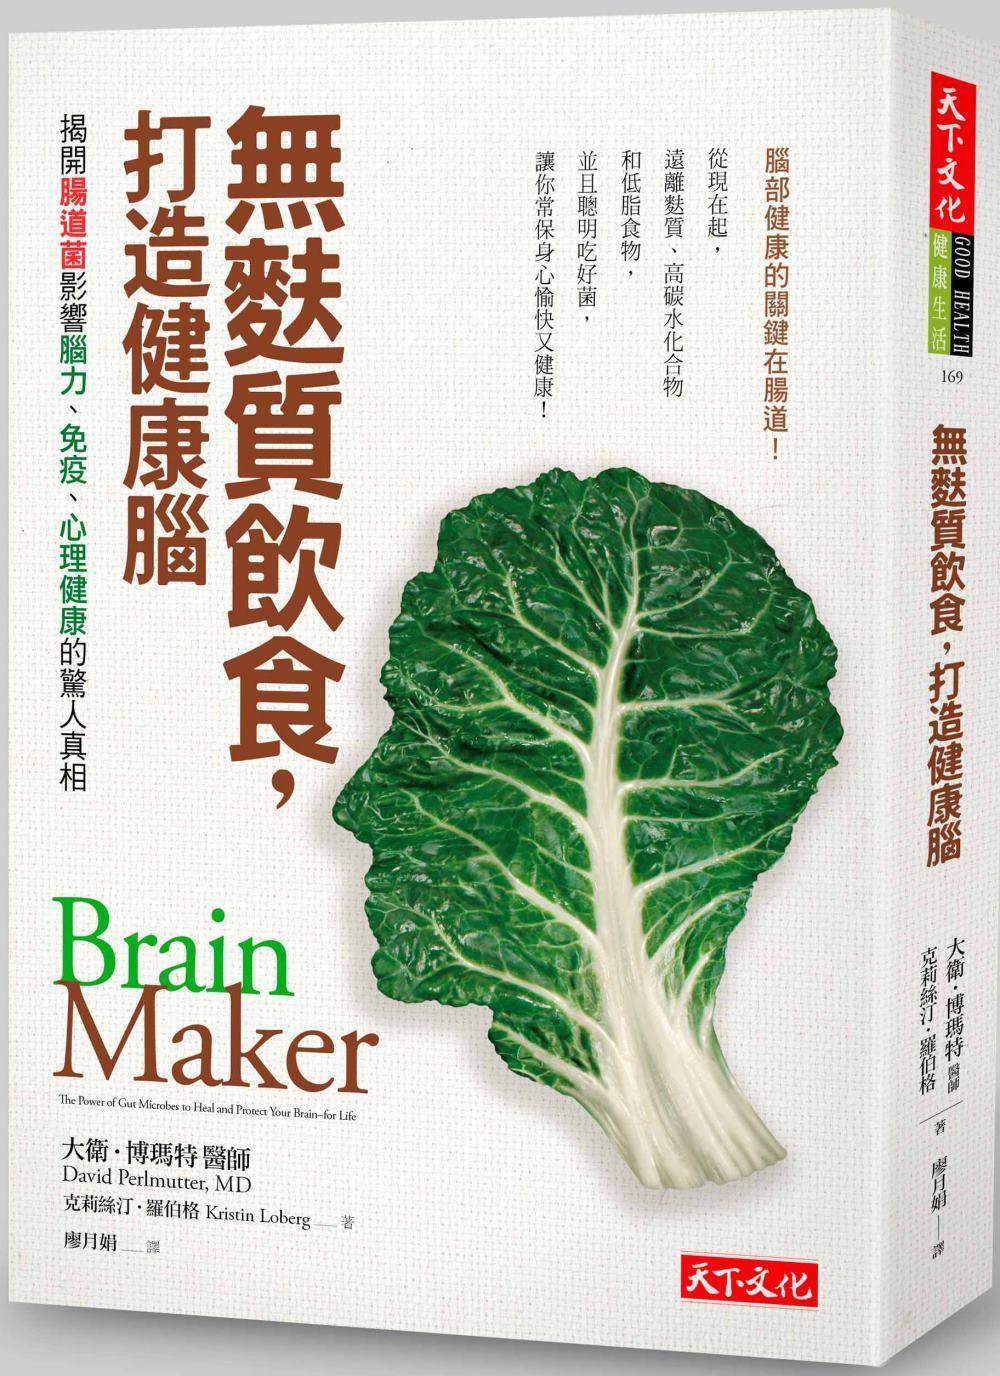 無麩質飲食,打造健康腦!:揭開腸道菌影響腦力、免疫、心理健康的驚人真相